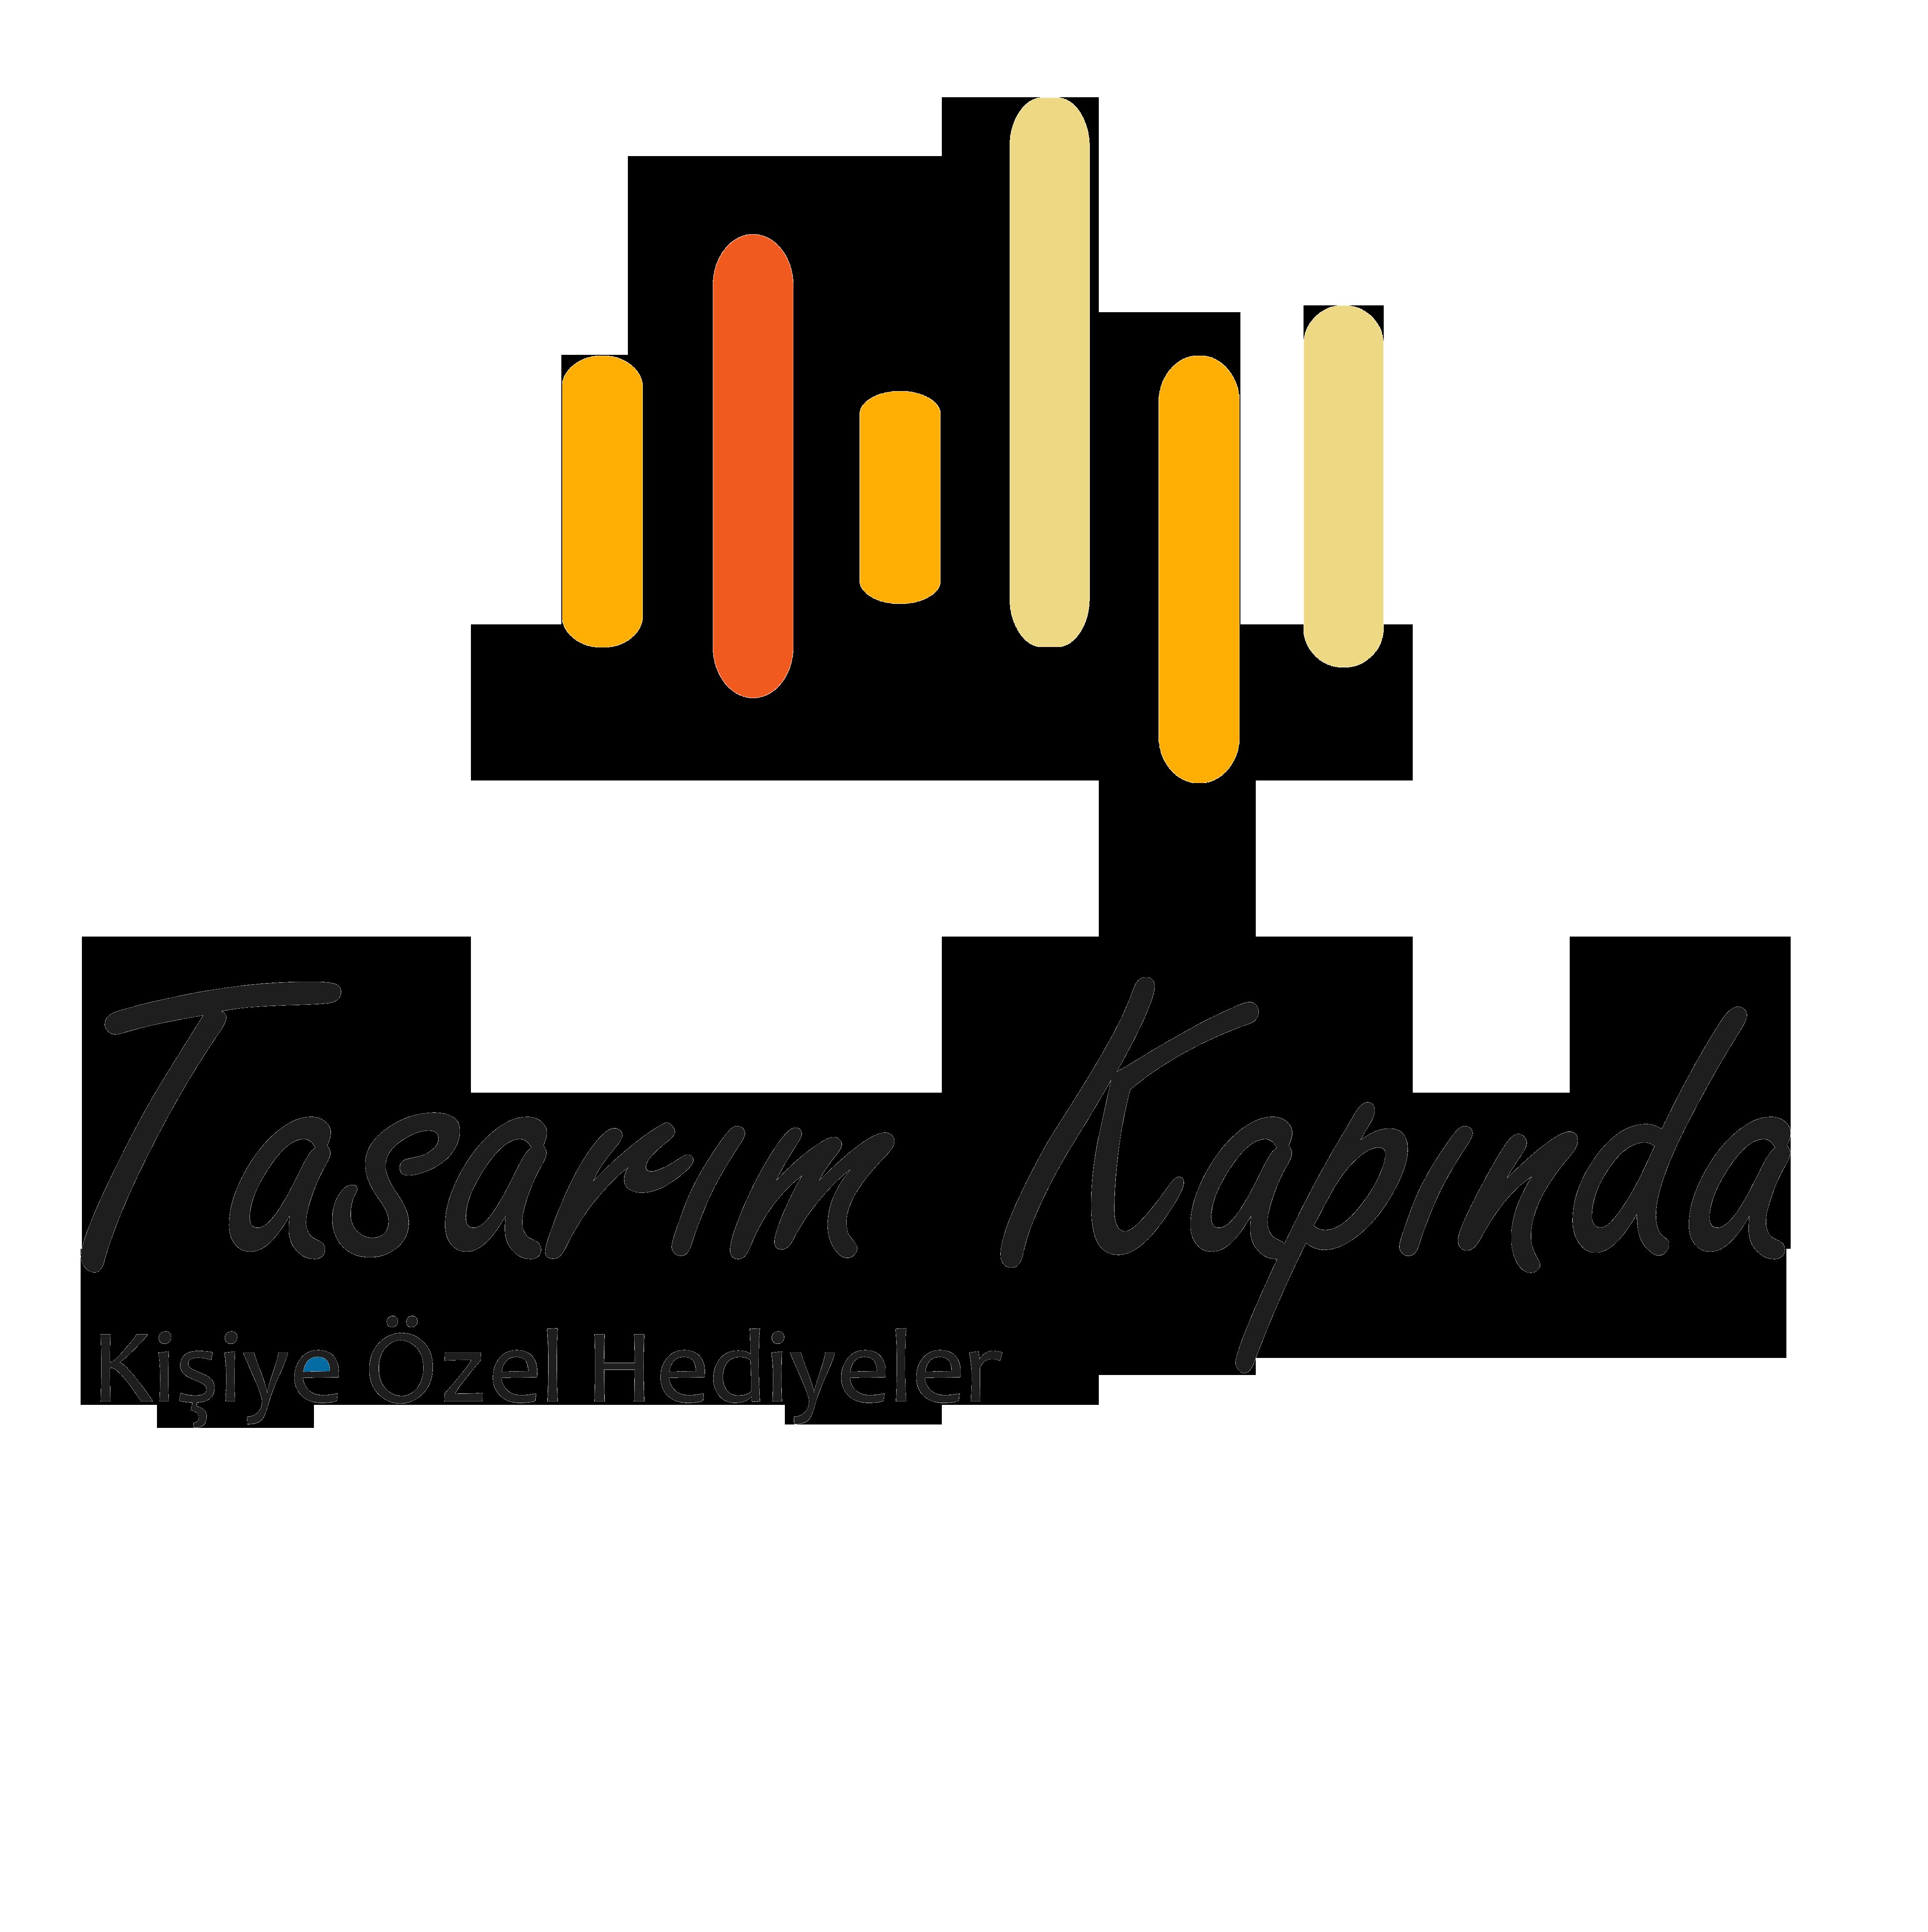 TASARIM KAPINDA